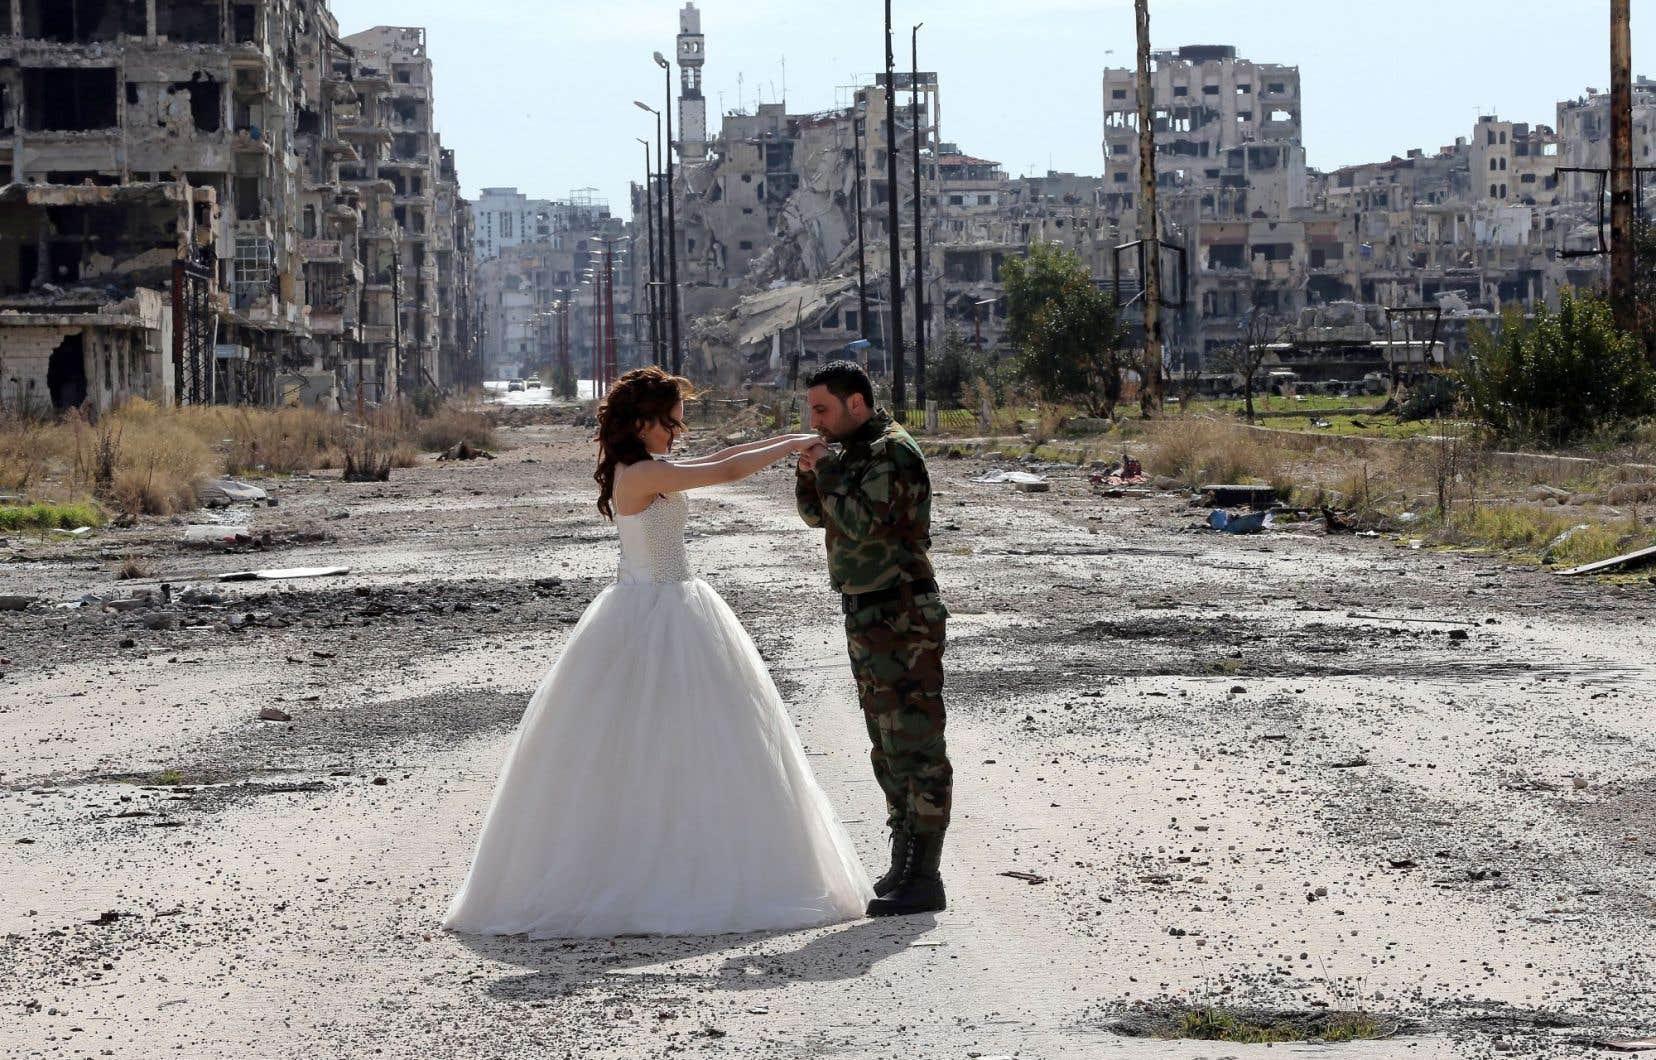 Des nouveaux mariés posent pour un photographe devant les ruines de Homs. Alors qu'elle était habitée par 650 000 personnes il y a quelques années, la ville ne compte plus que 200 000 habitants aujourd'hui.